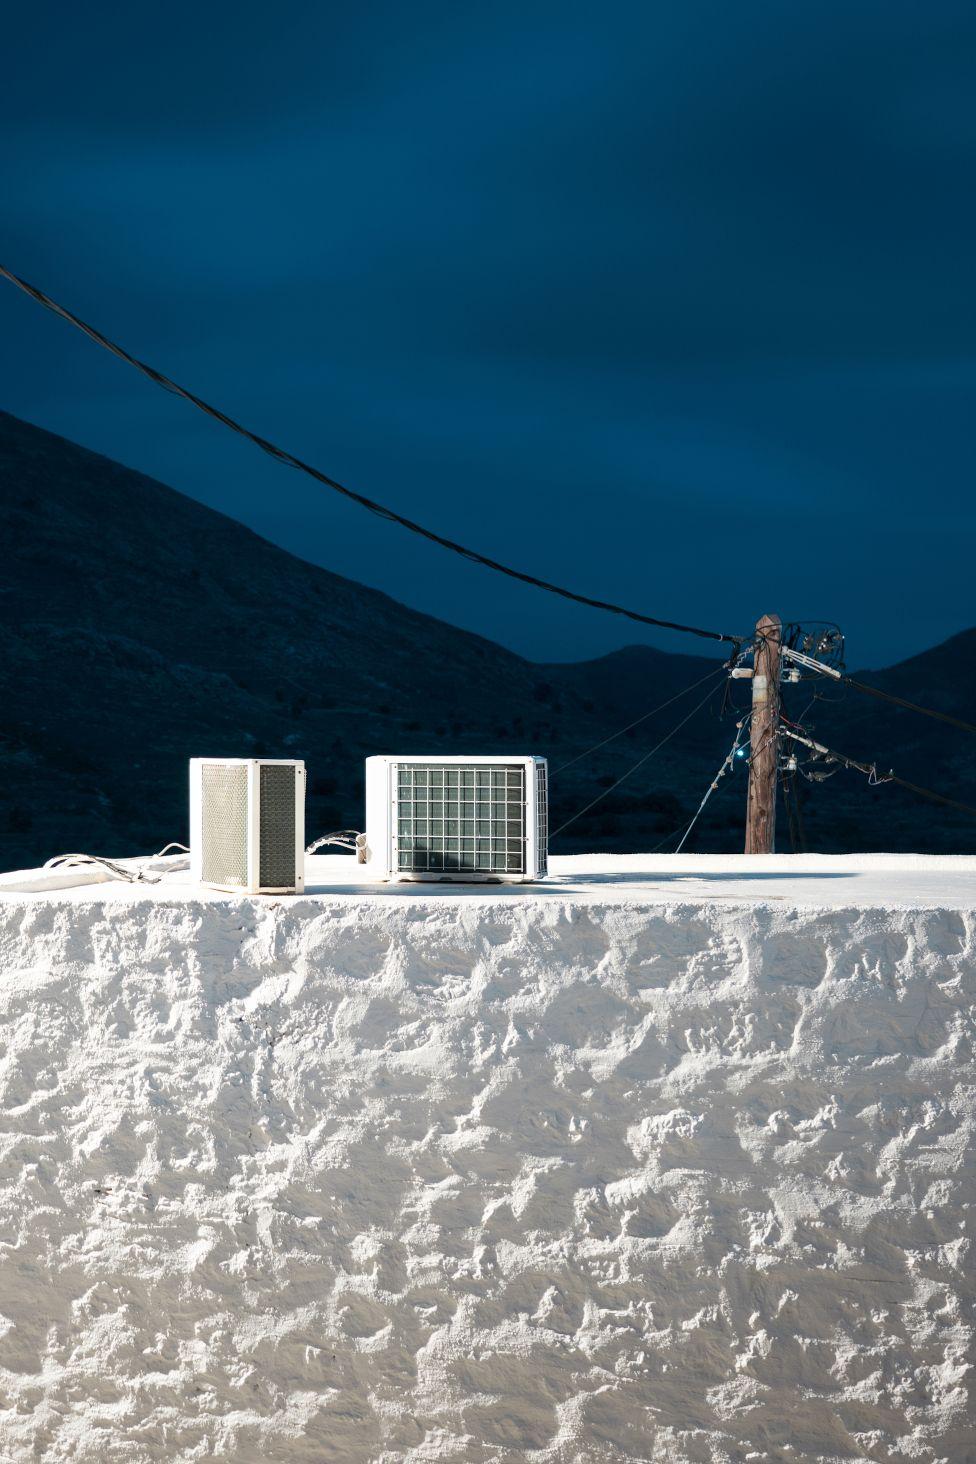 Η Ιωάννα Σκελλαράκη, εκπροσωπώντας το Royal College of Art αναδείχτηκε νικήτρια στην κατηγορία «Student» με την «Αειφορία», σειρά της νυχτερινών φωτογραφιών από ηλιακούς συλλέκτες, ανεμογεννήτριες και μπαταρίες στην Τήλο